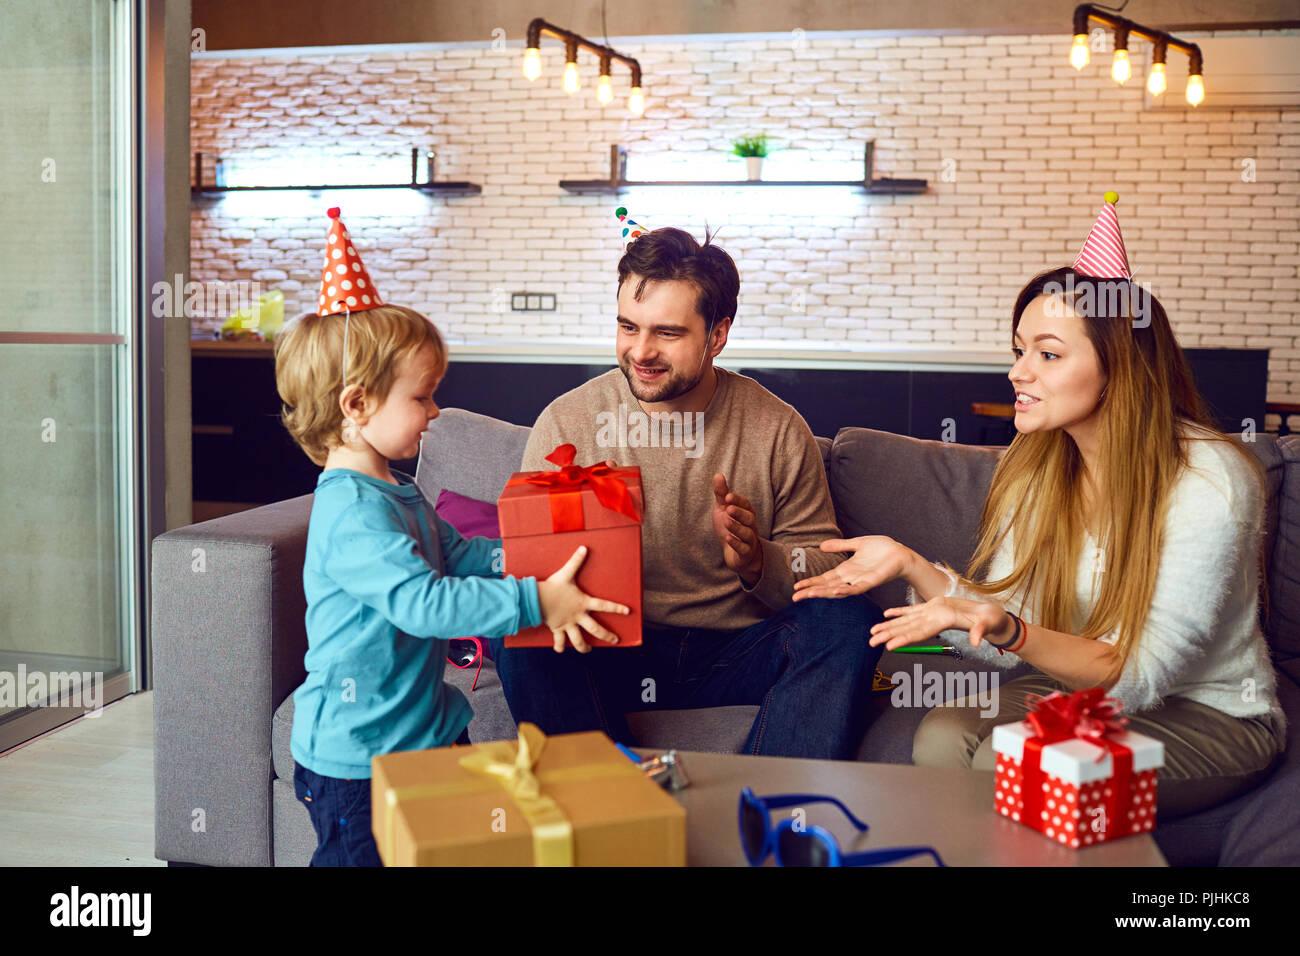 Glückliche Familie mit einem festlichen Kuchen feiert Geburtstag Stockbild